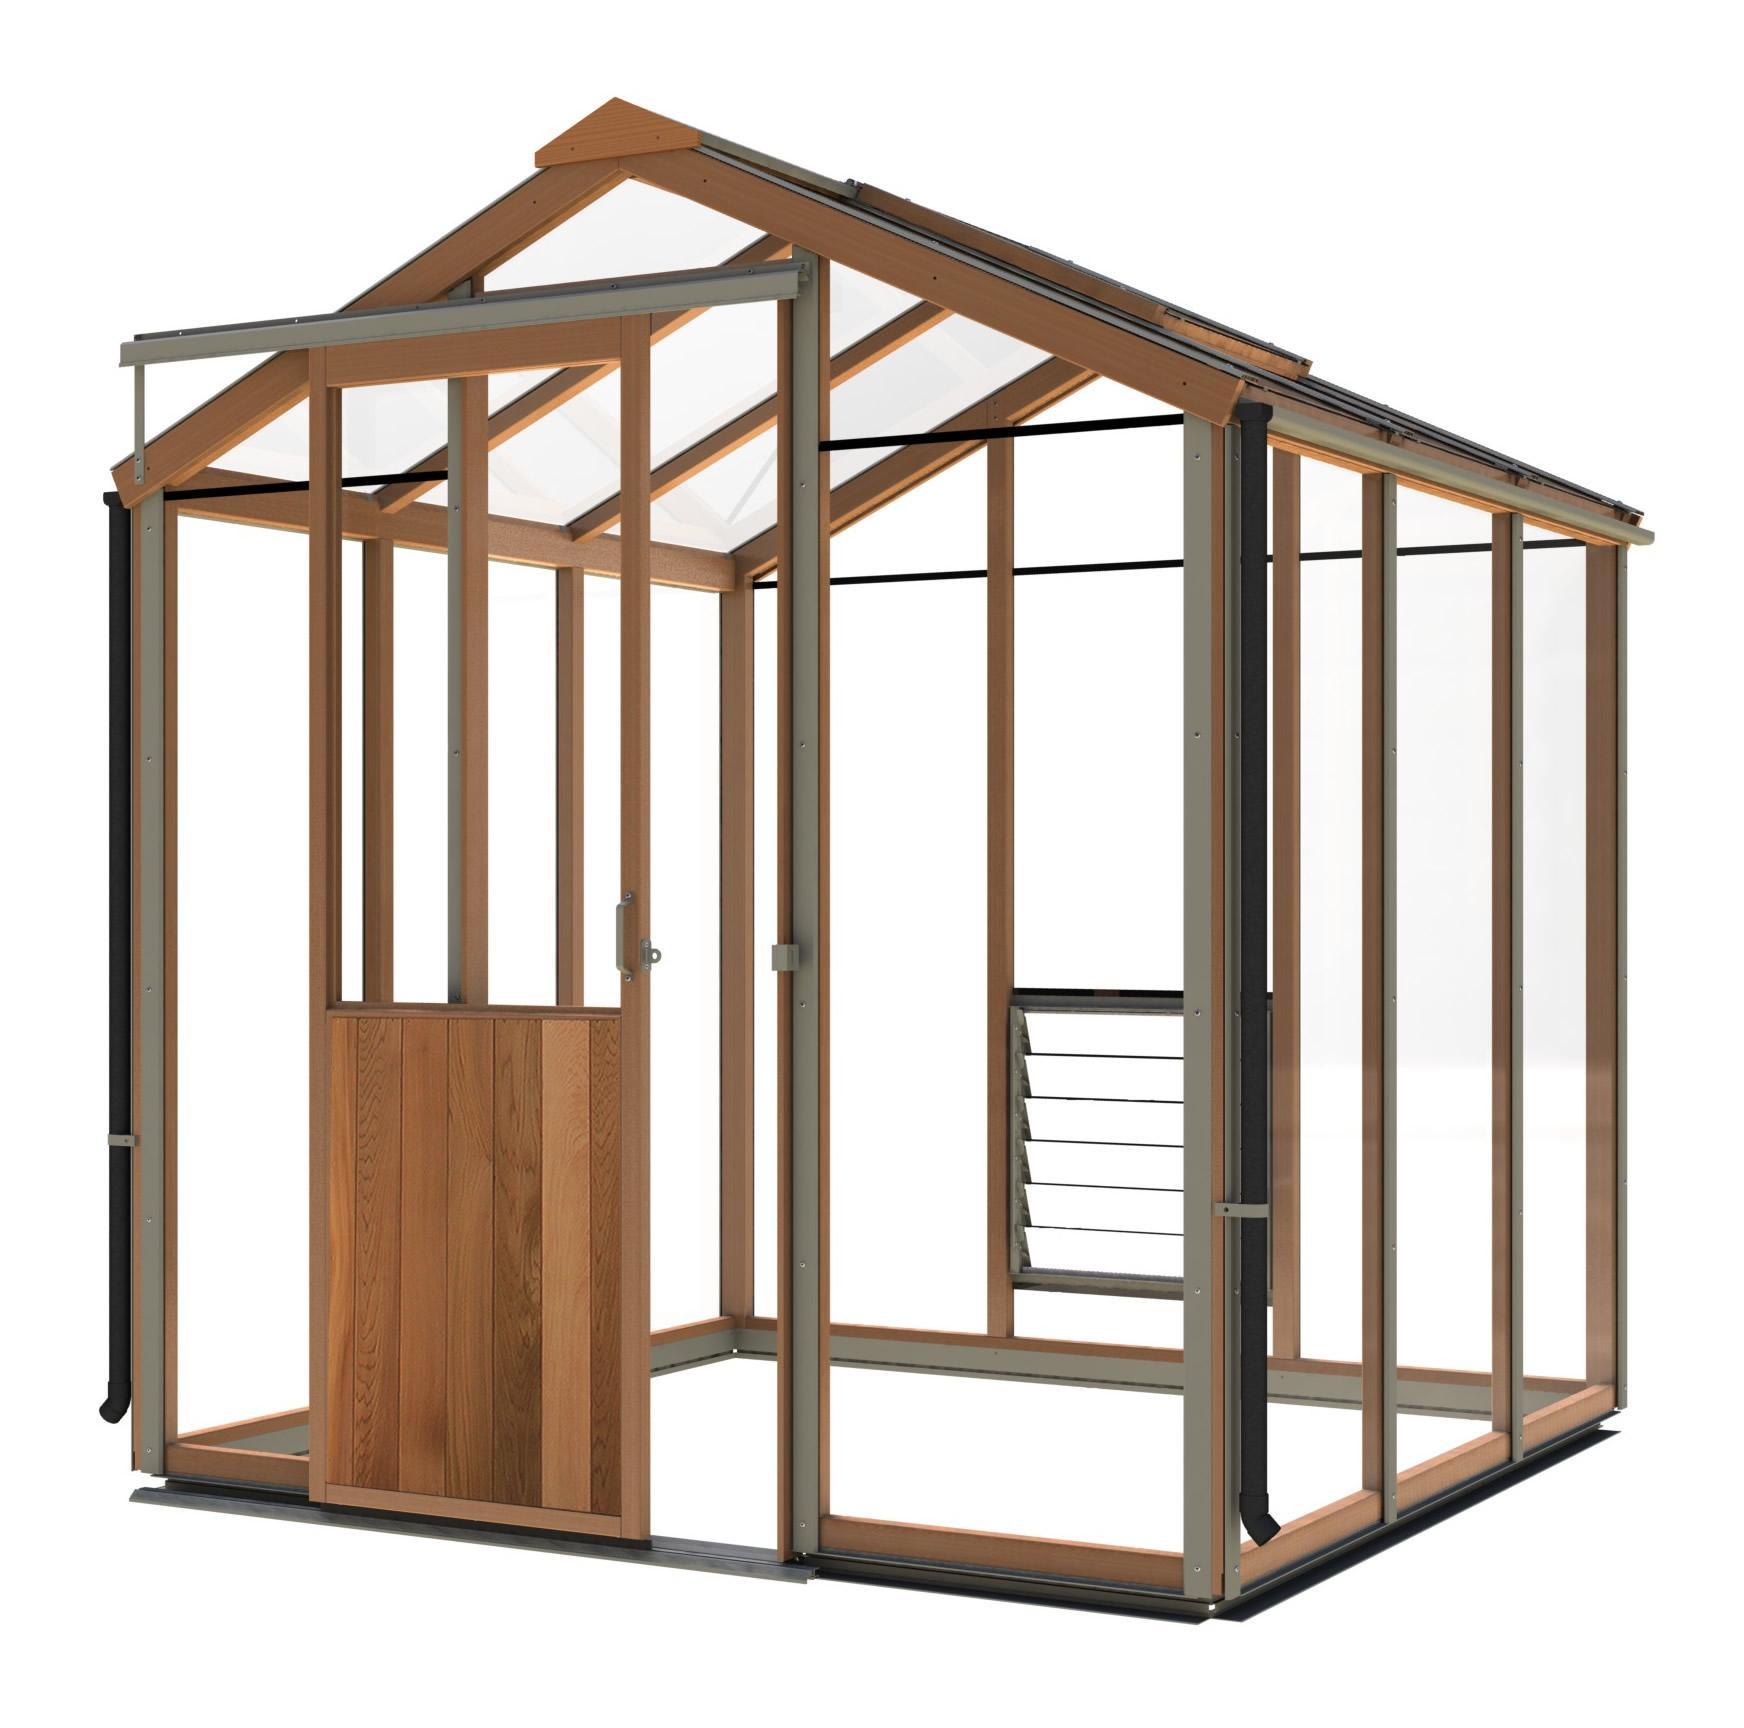 gewächshaus holz evo6 (1987mm x 1987mm) - gewächshaus aus zedernholz